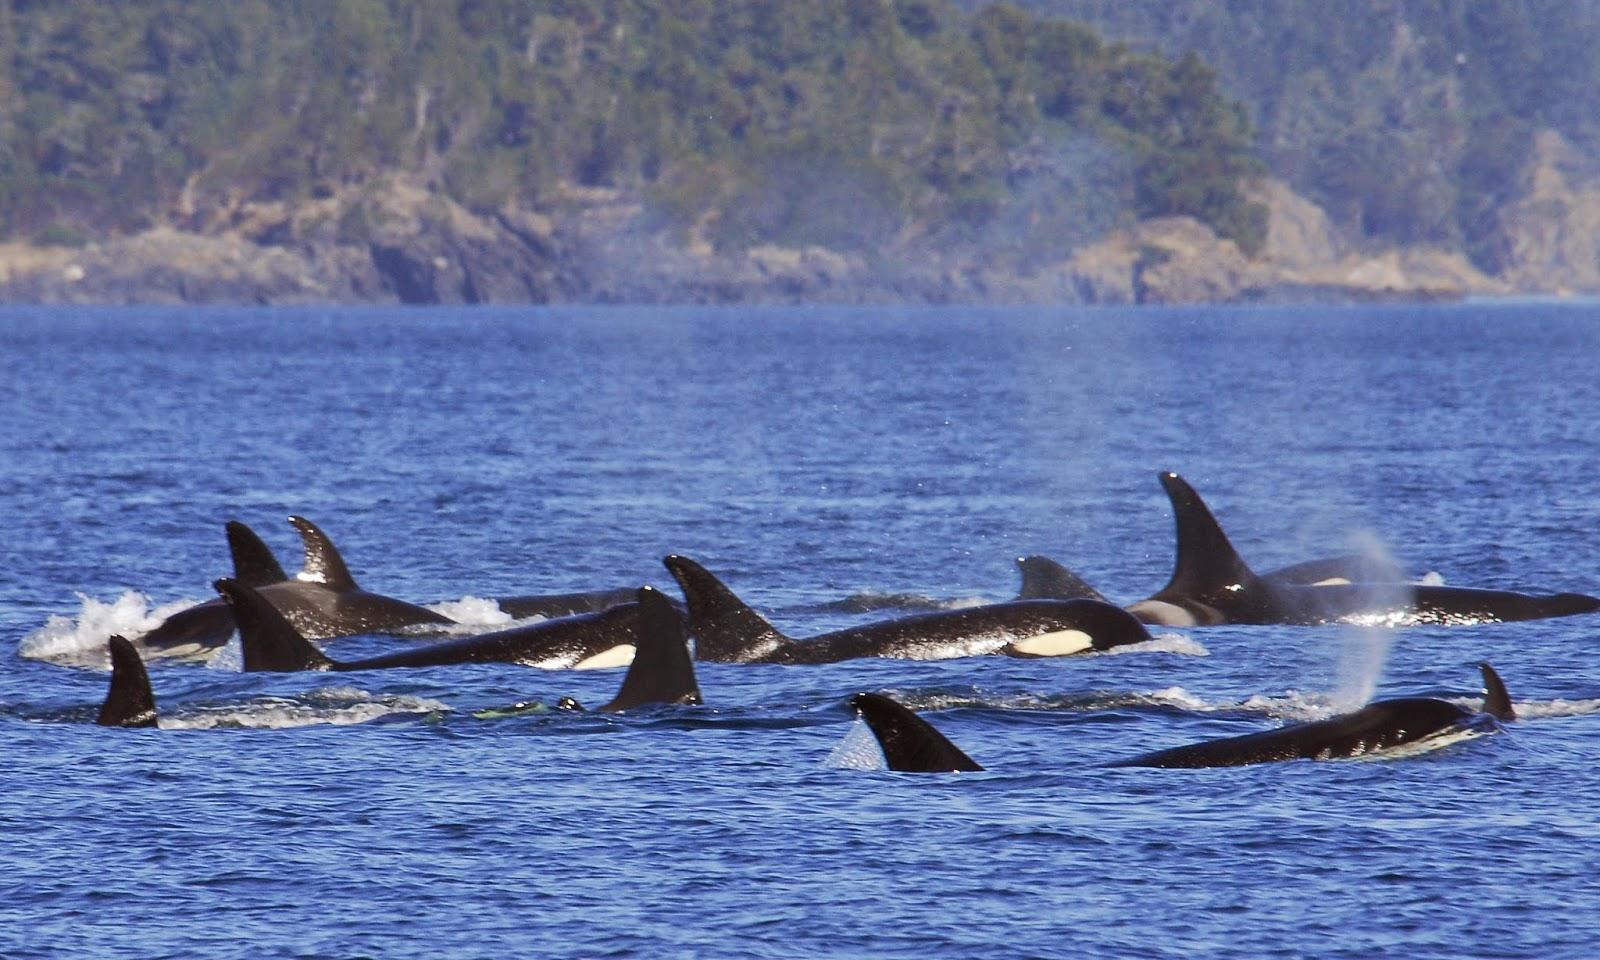 Wallpaper met zwemmende orka's